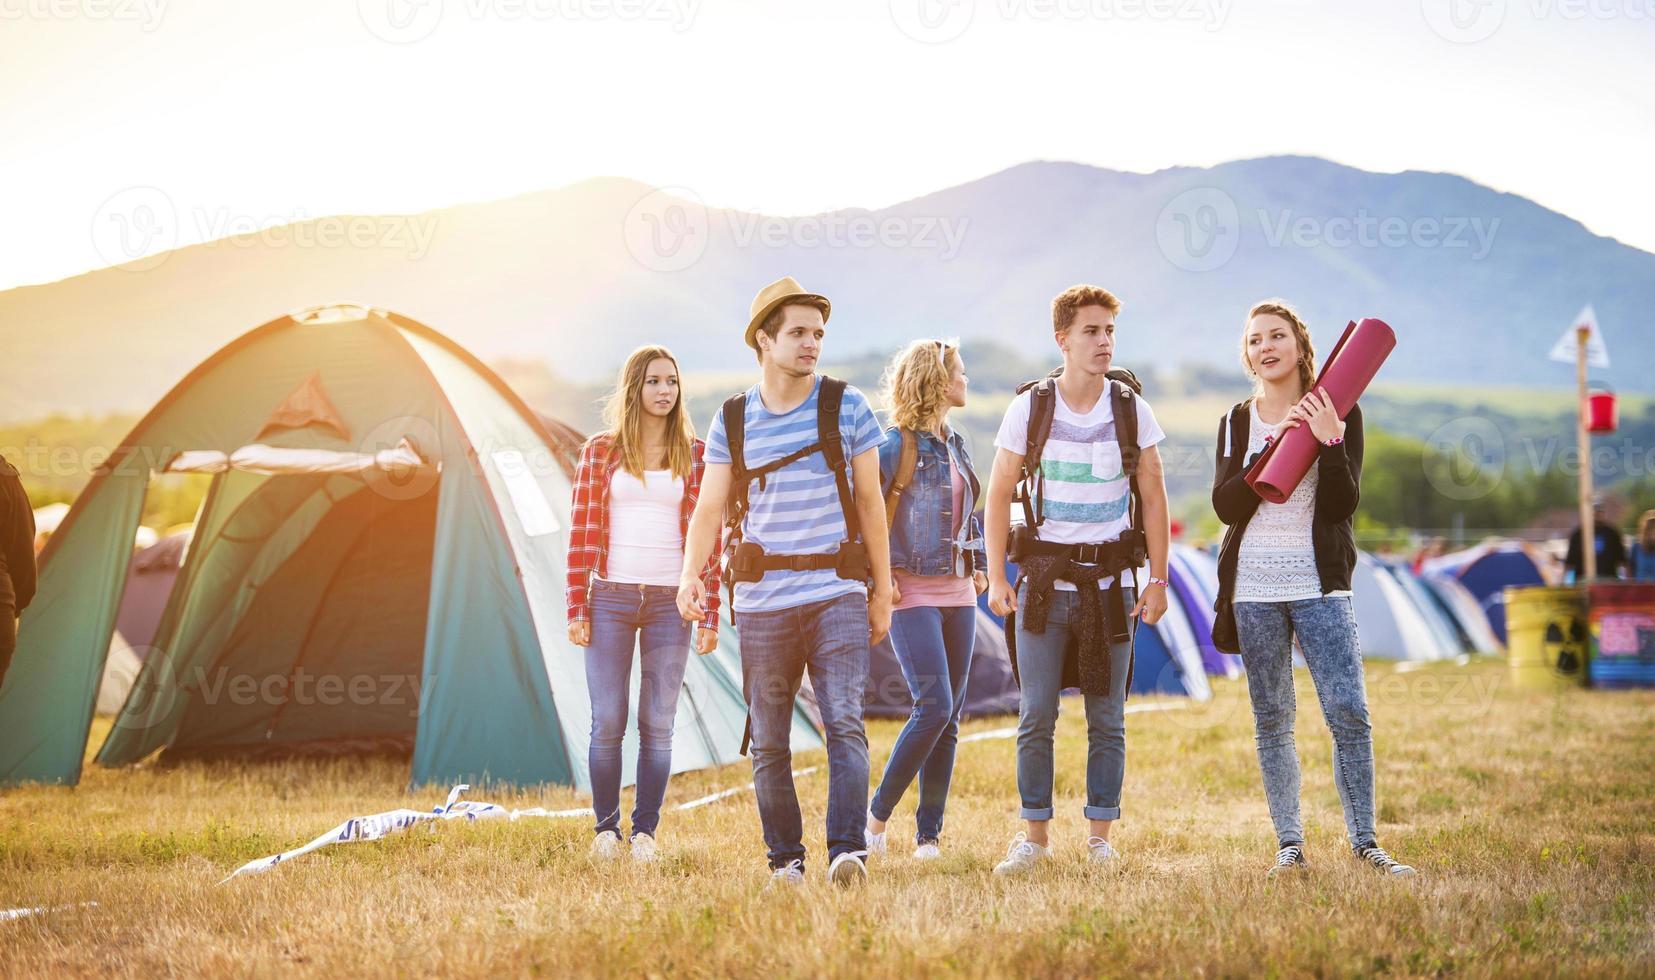 hermosas adolescentes en el festival de verano foto